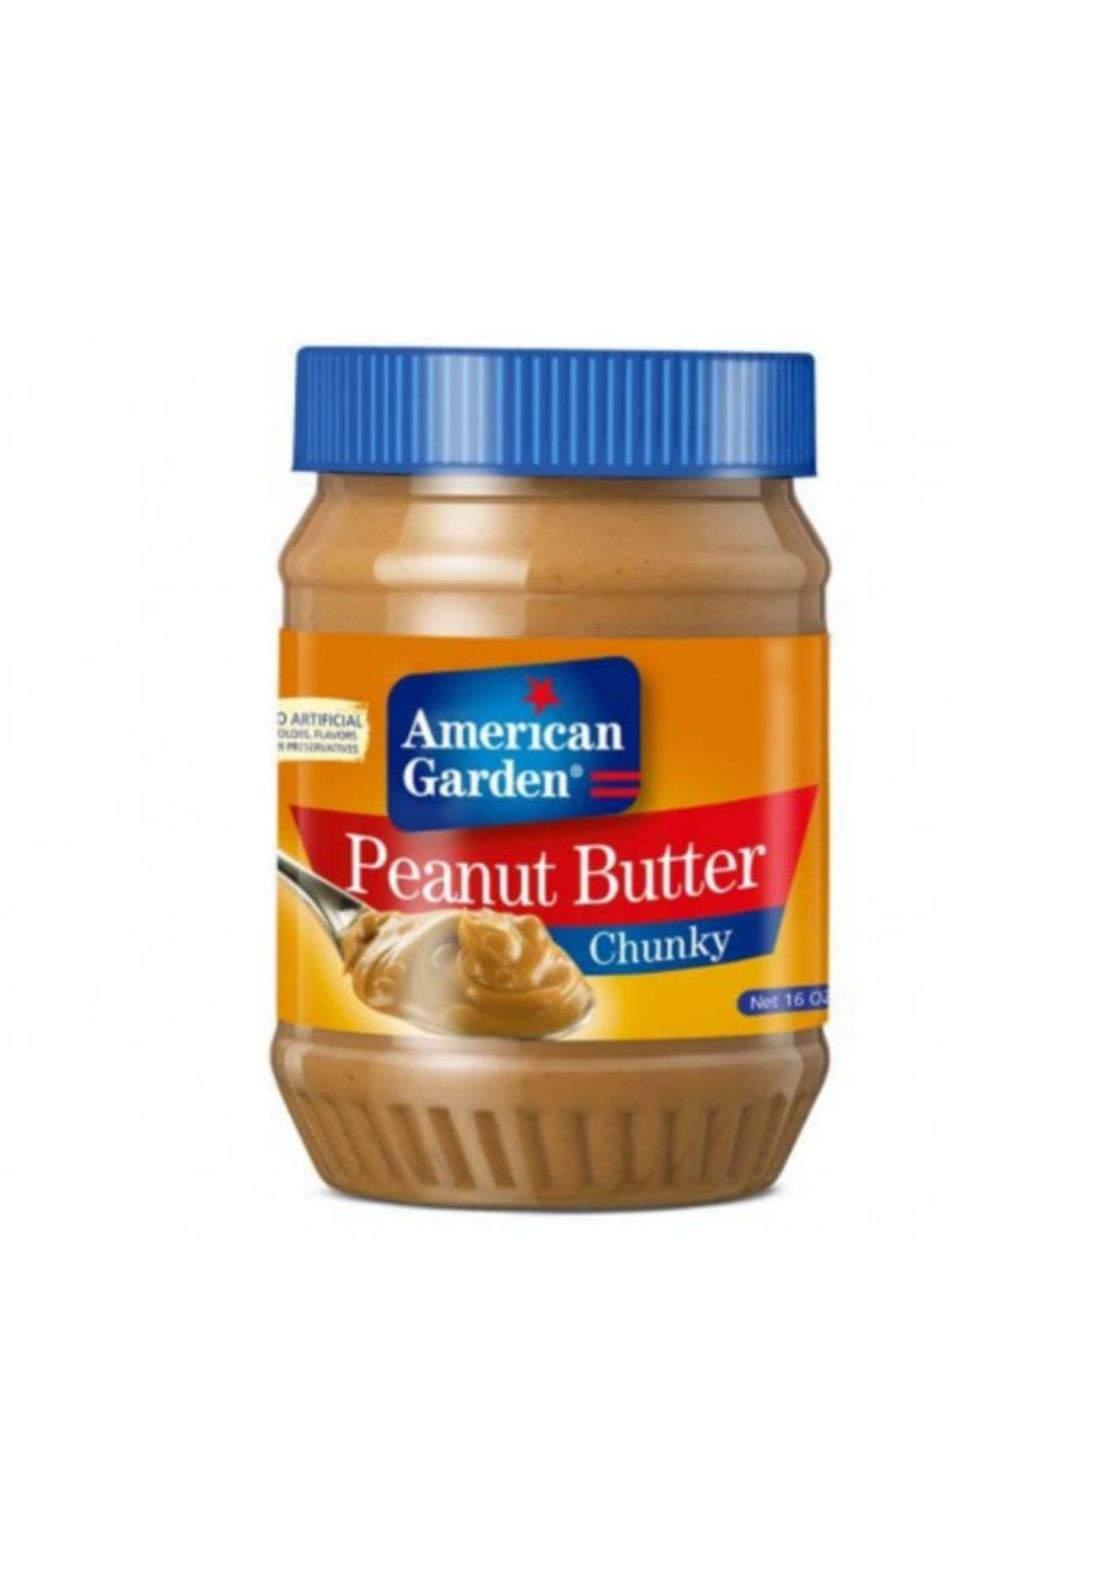 American garden peanut butter 340g زبدة الفول السوداني